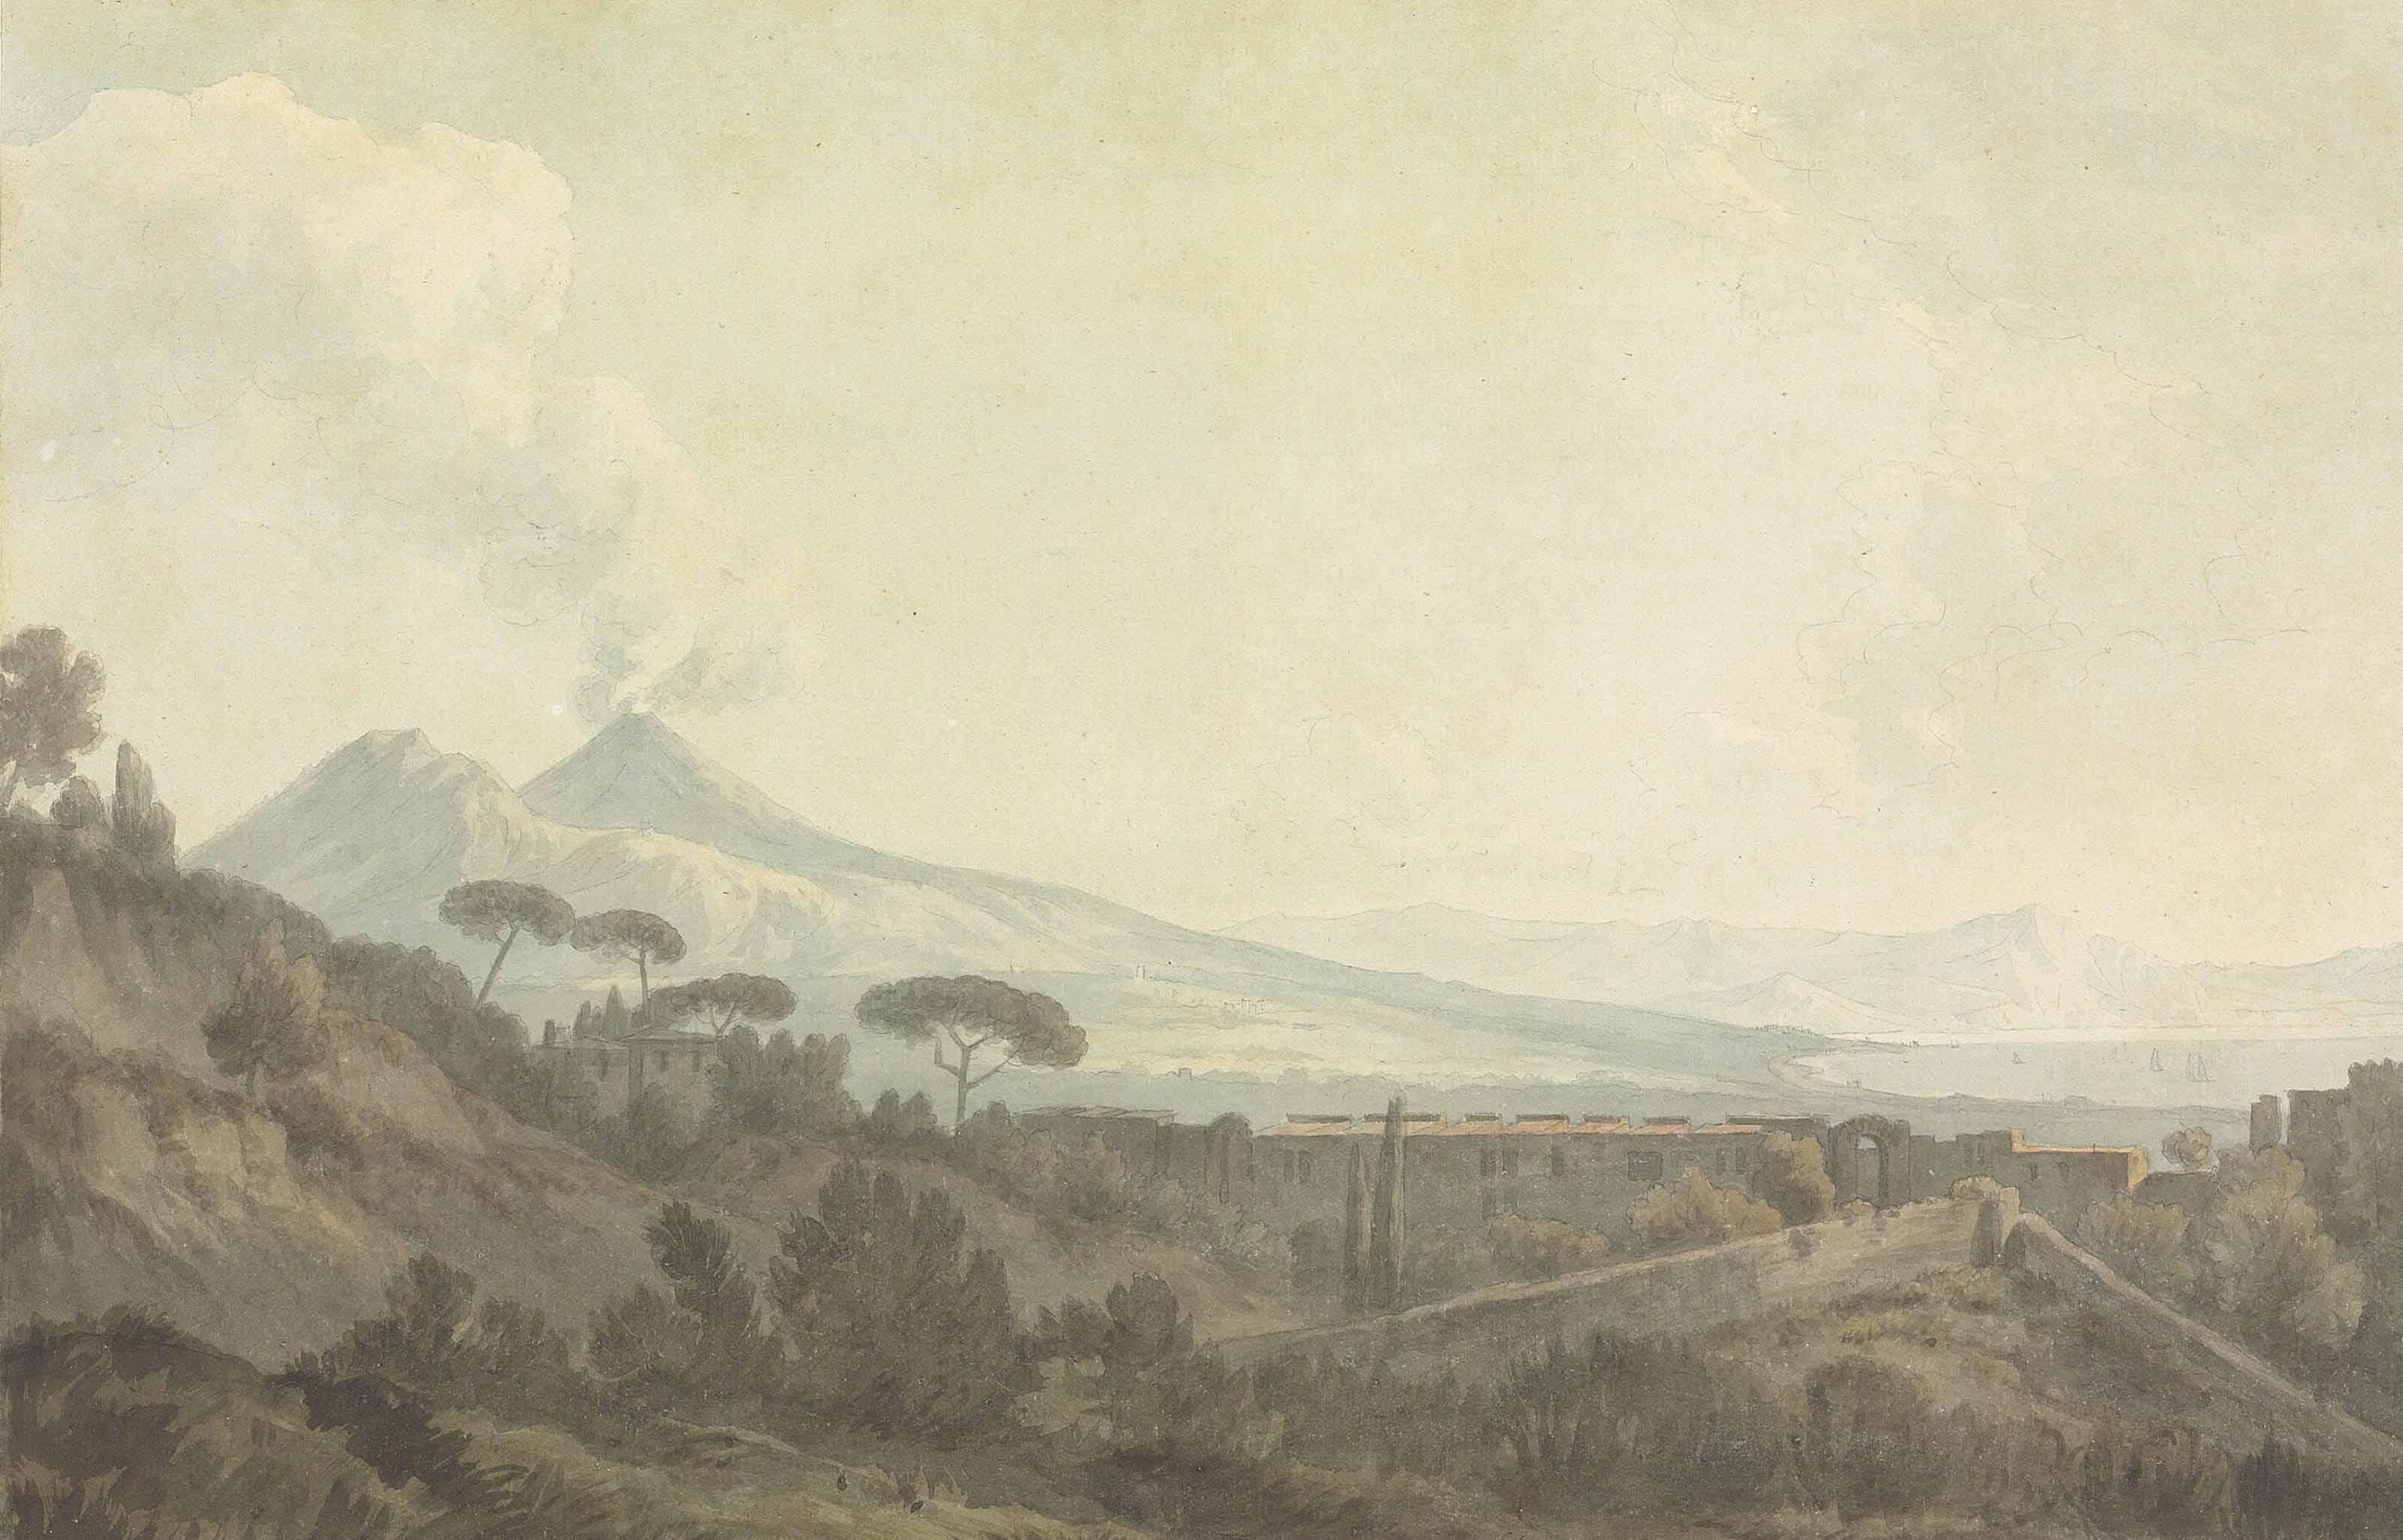 View of Vesuvius, Naples, Italy